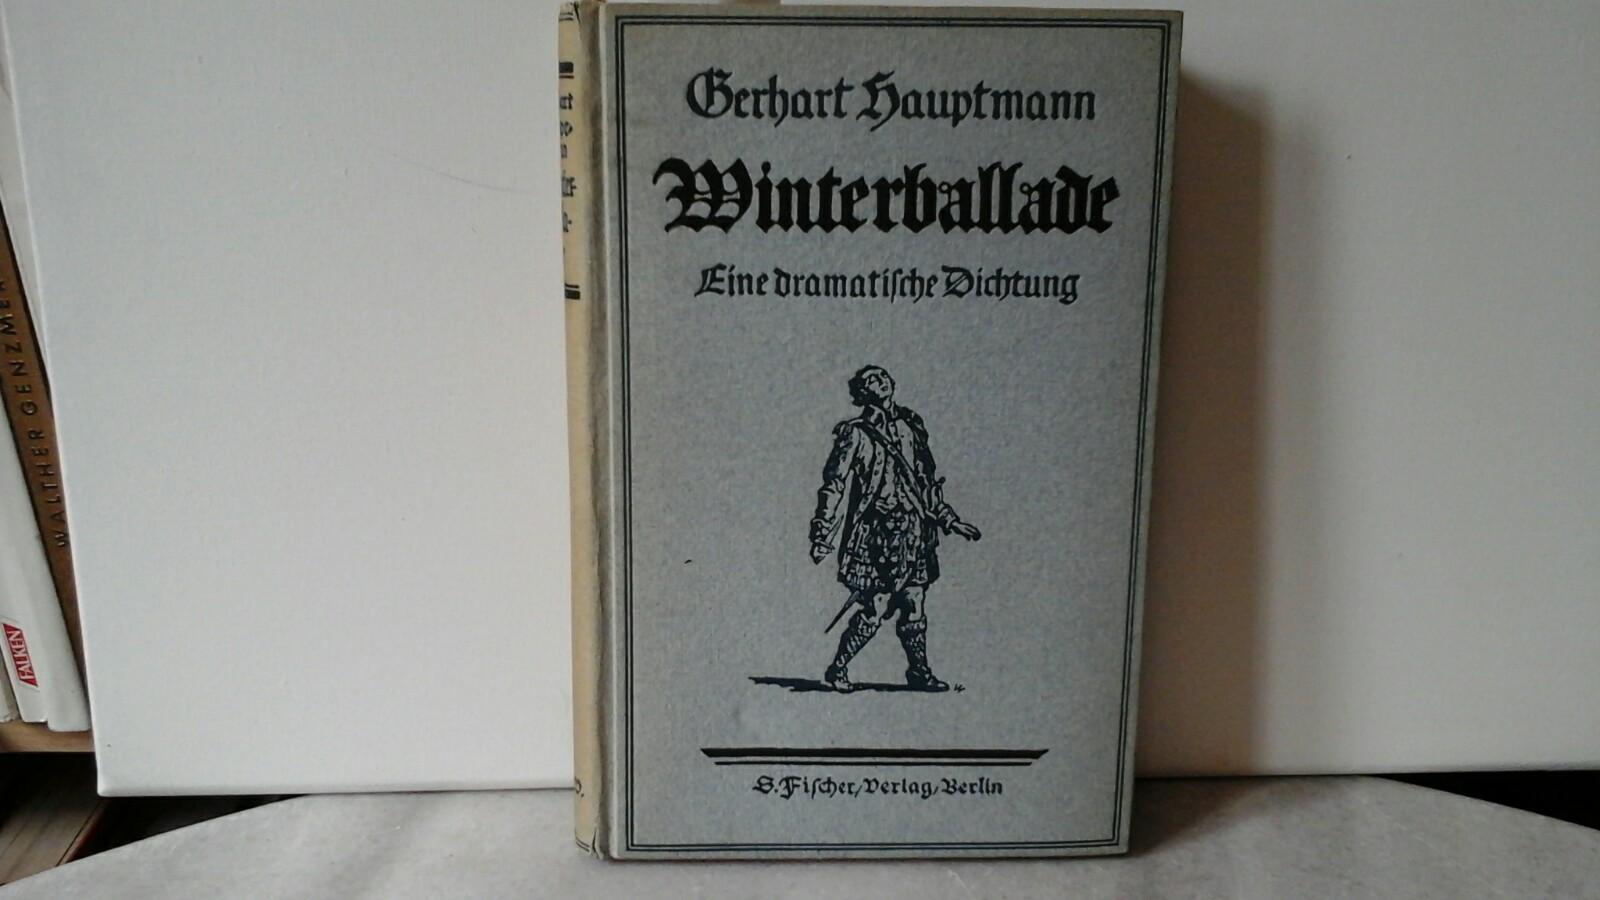 HAUPTMANN, GERHART: Winterballade. Eine dramatische Dichtung. Erstes bis zehntes Tausend.